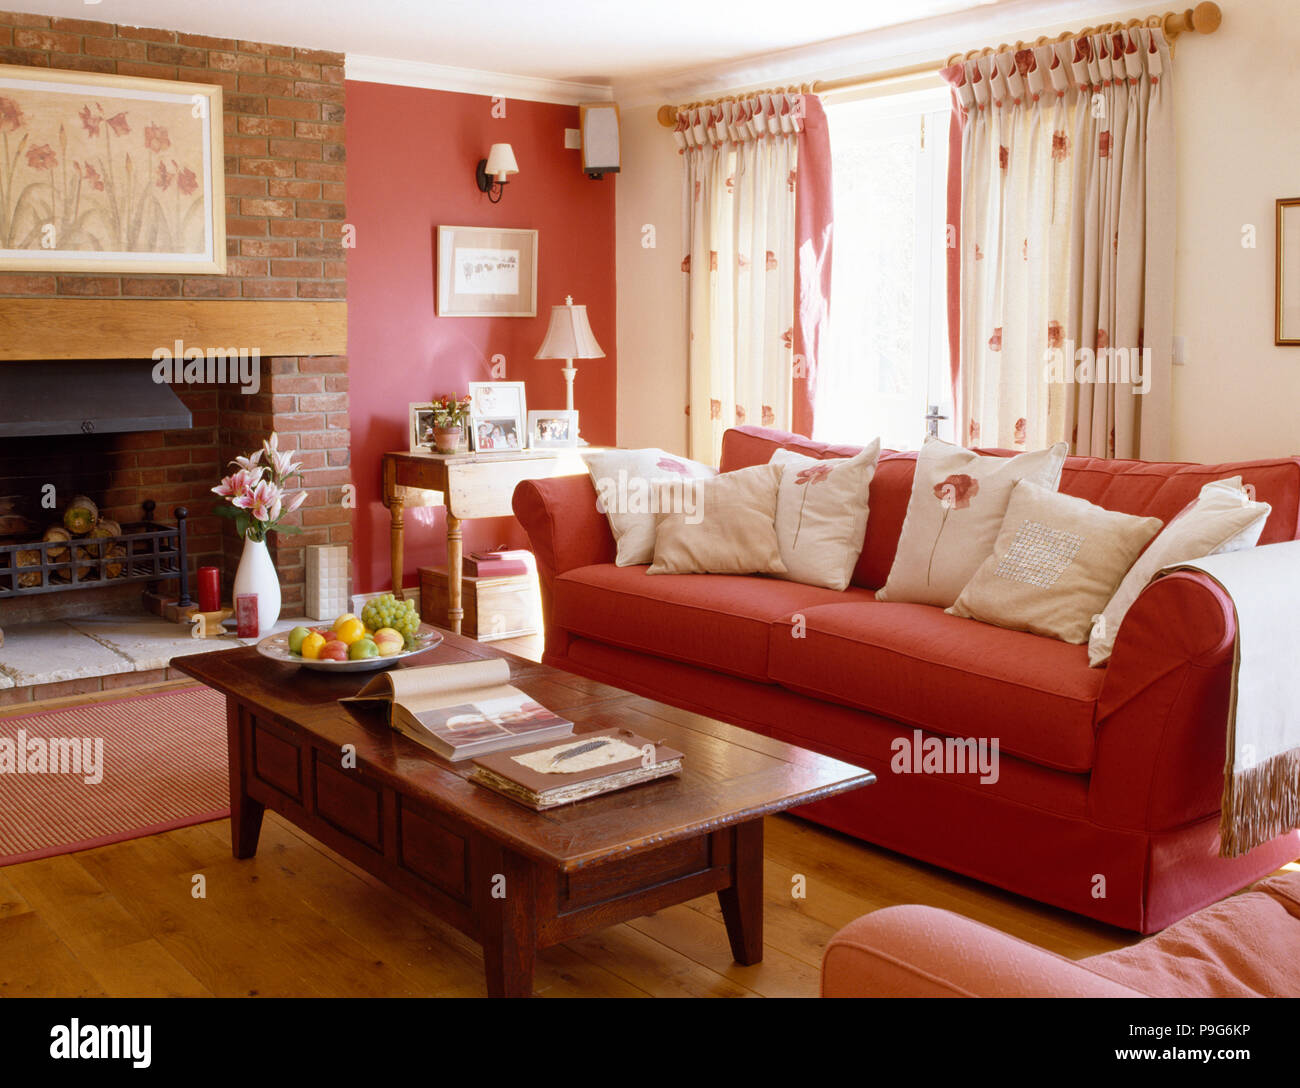 Divano Rosso E Grigio tavolo da caffè in legno e divano rosso con cuscini di